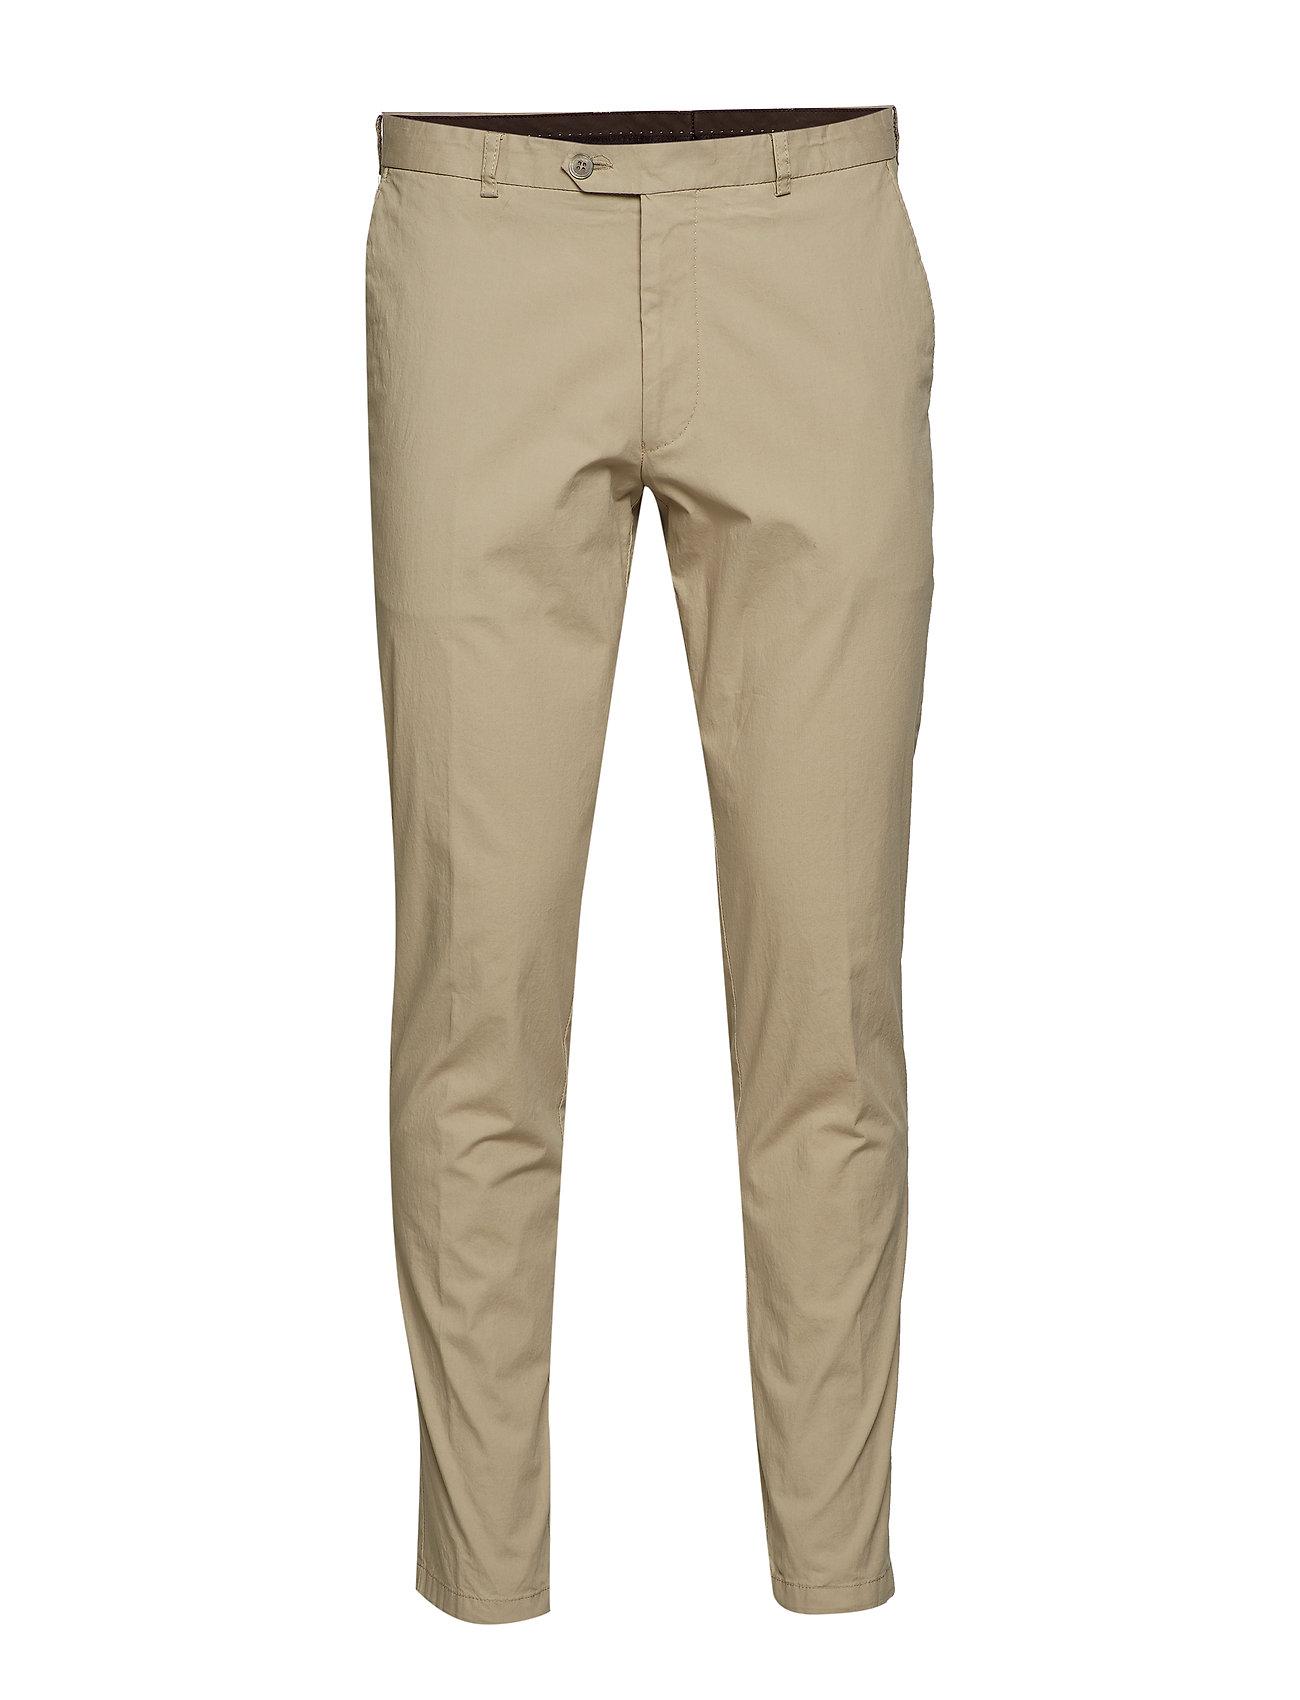 Oscar Jacobson Denz Trousers - 472 - BEIGE